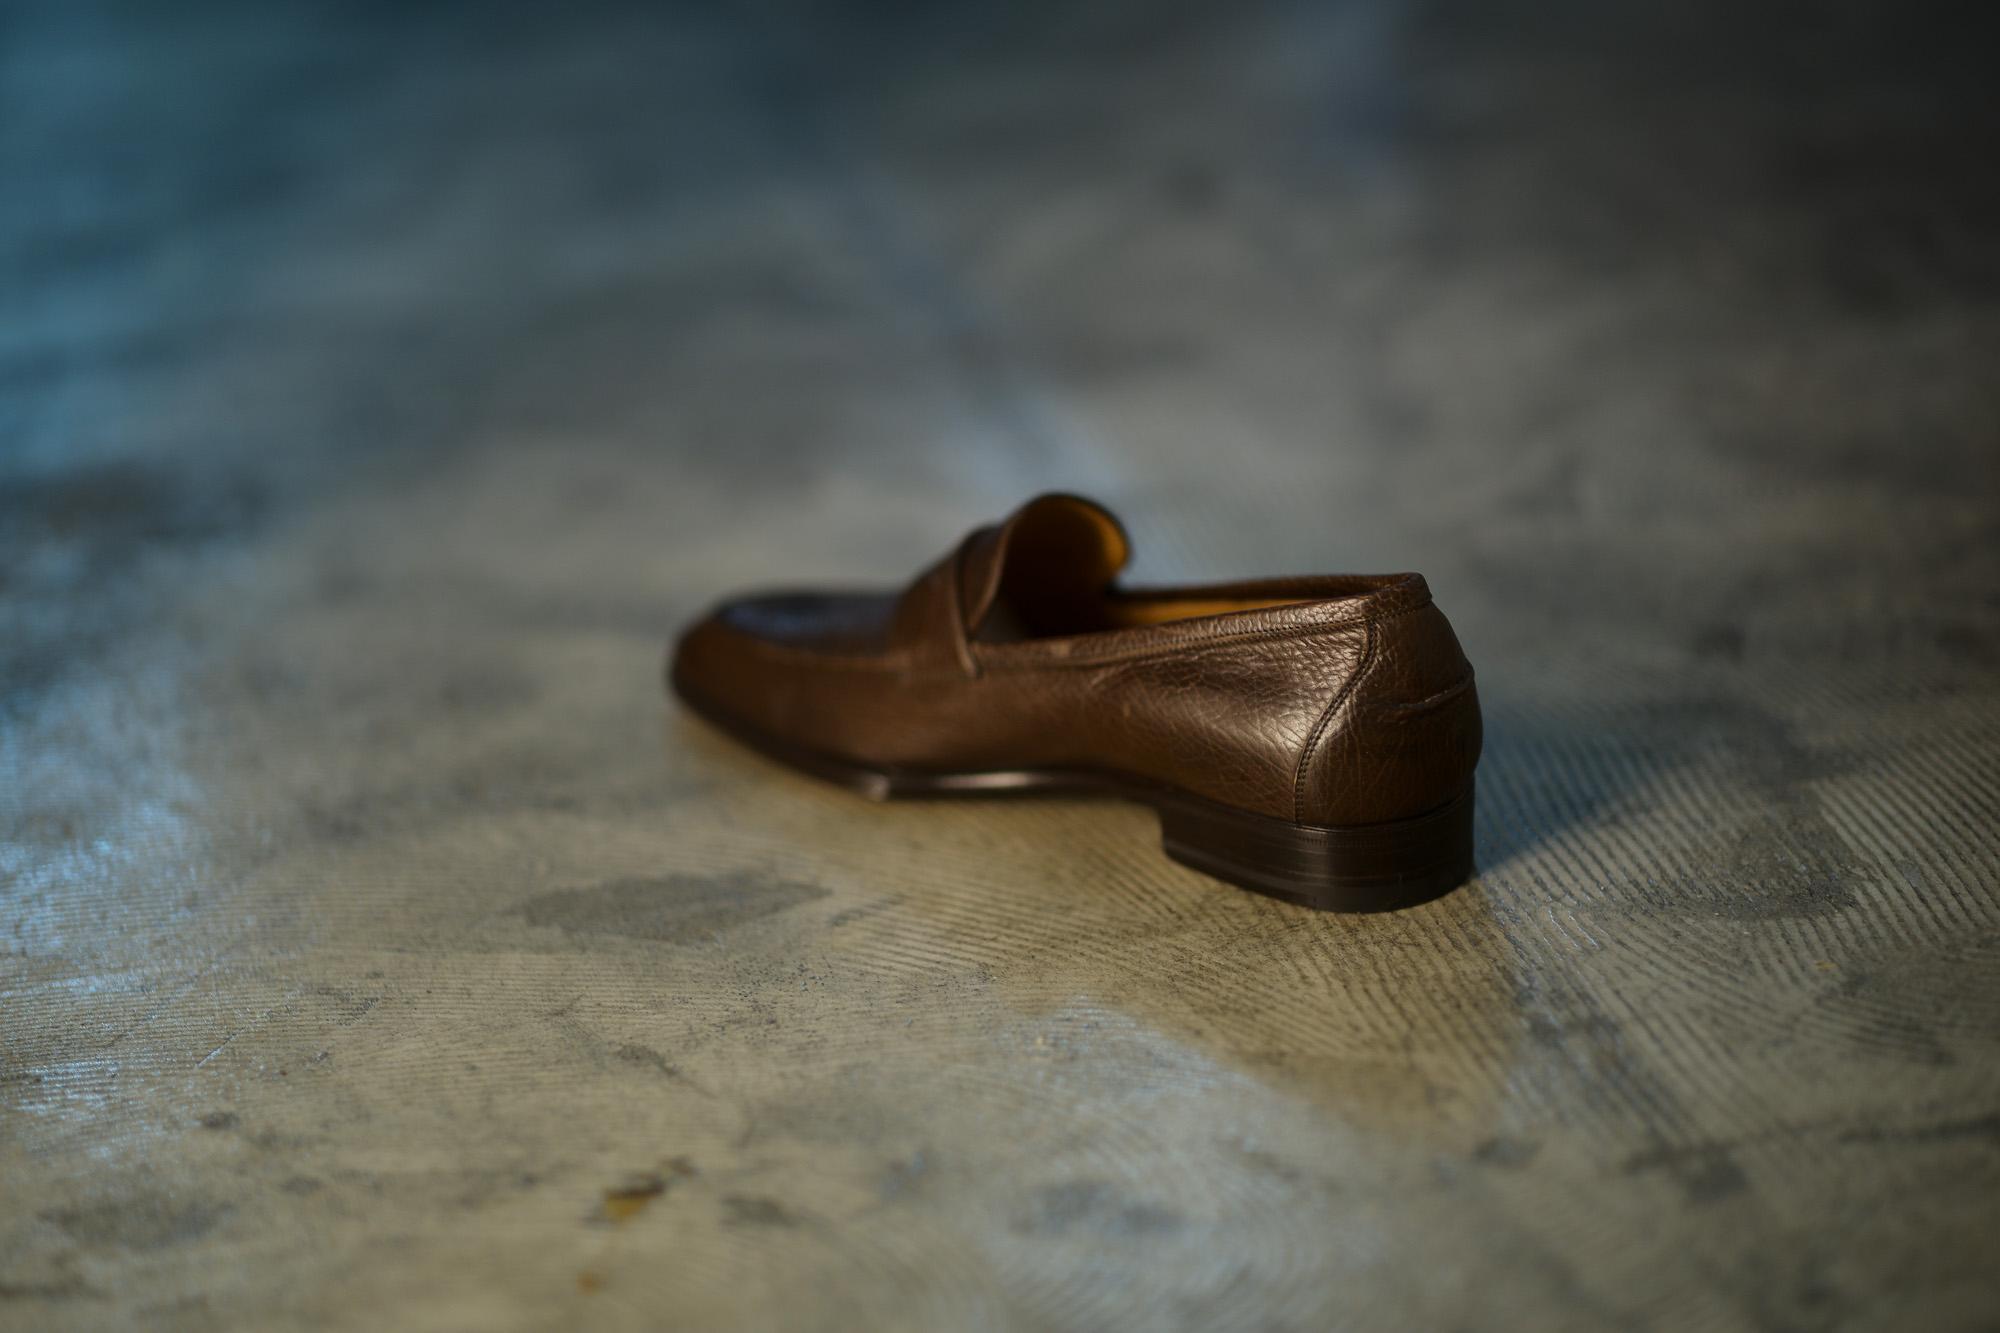 ENZO BONAFE (エンツォボナフェ) ART. EB-08 Crocodile Coin Loafer (クロコダイル コイン ローファー) Mat Crocodile Leather マット クロコダイル レザー ドレスシューズ ローファー COCCO DARK BROWN (ブラウン) made in italy (イタリア製) 2019 秋冬 【ご予約受付開始】  愛知 名古屋 enzobonafe エンツォボナフェ eb08 ローファー zodiac nagoya alto e diritto altoediritto アルトエデリット